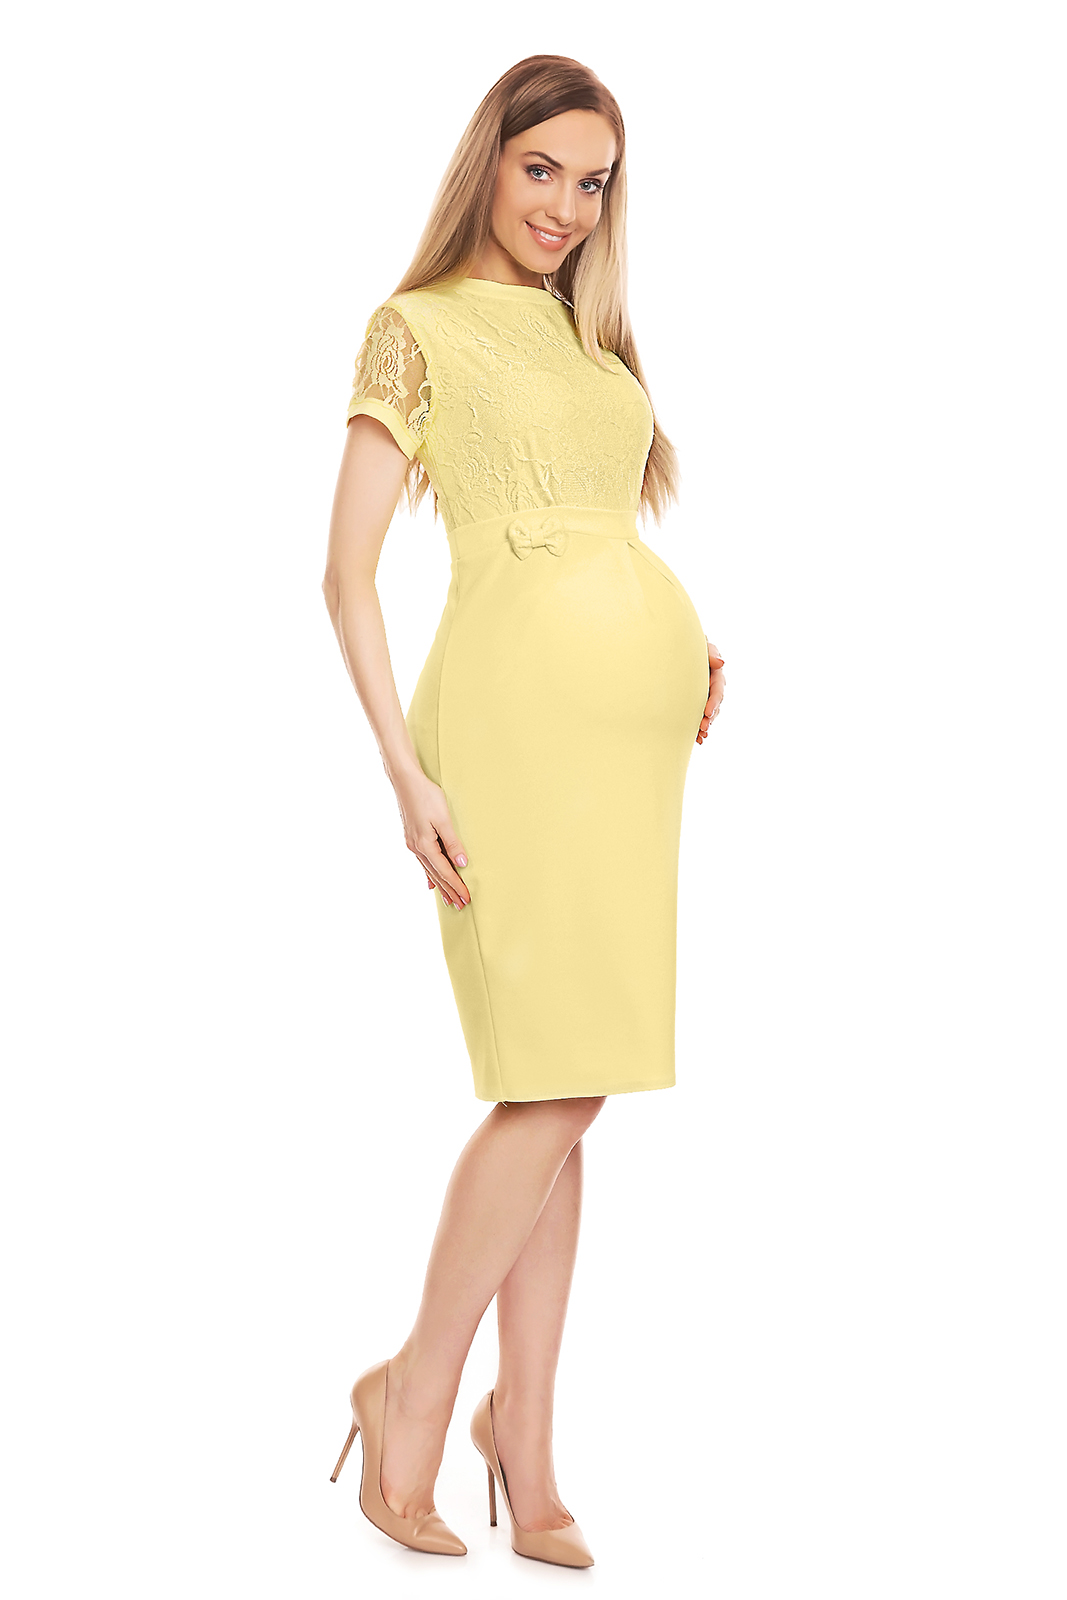 2903ae4bb7 Sukienka ciążowa wizytowa żółta - szyta w Polsce - kurier od 5